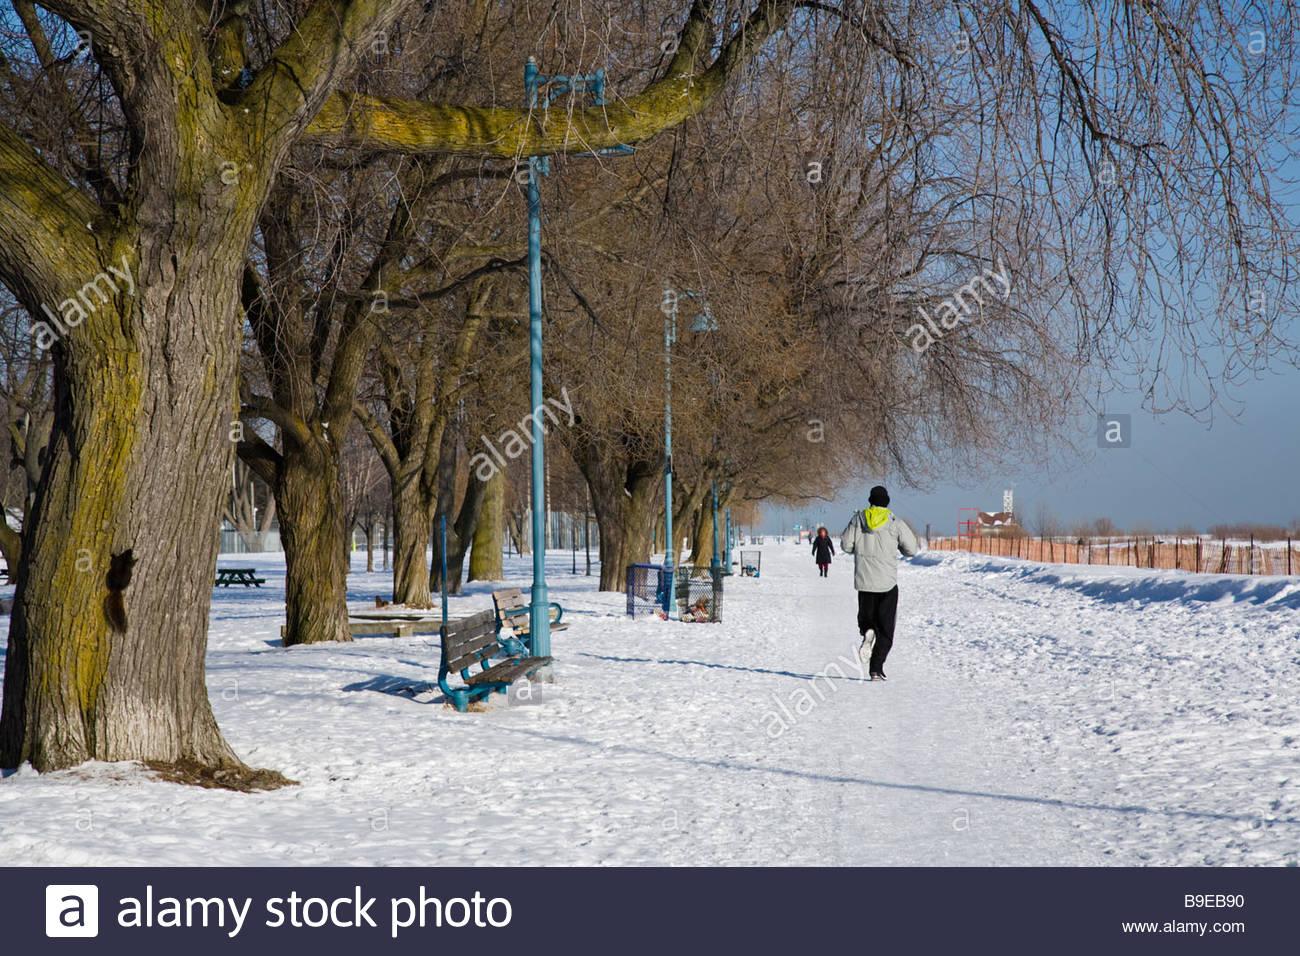 Correr en invierno la nieve cubrió boardwalk en las playas del este parque en Toronto, Ontario, Canadá Imagen De Stock